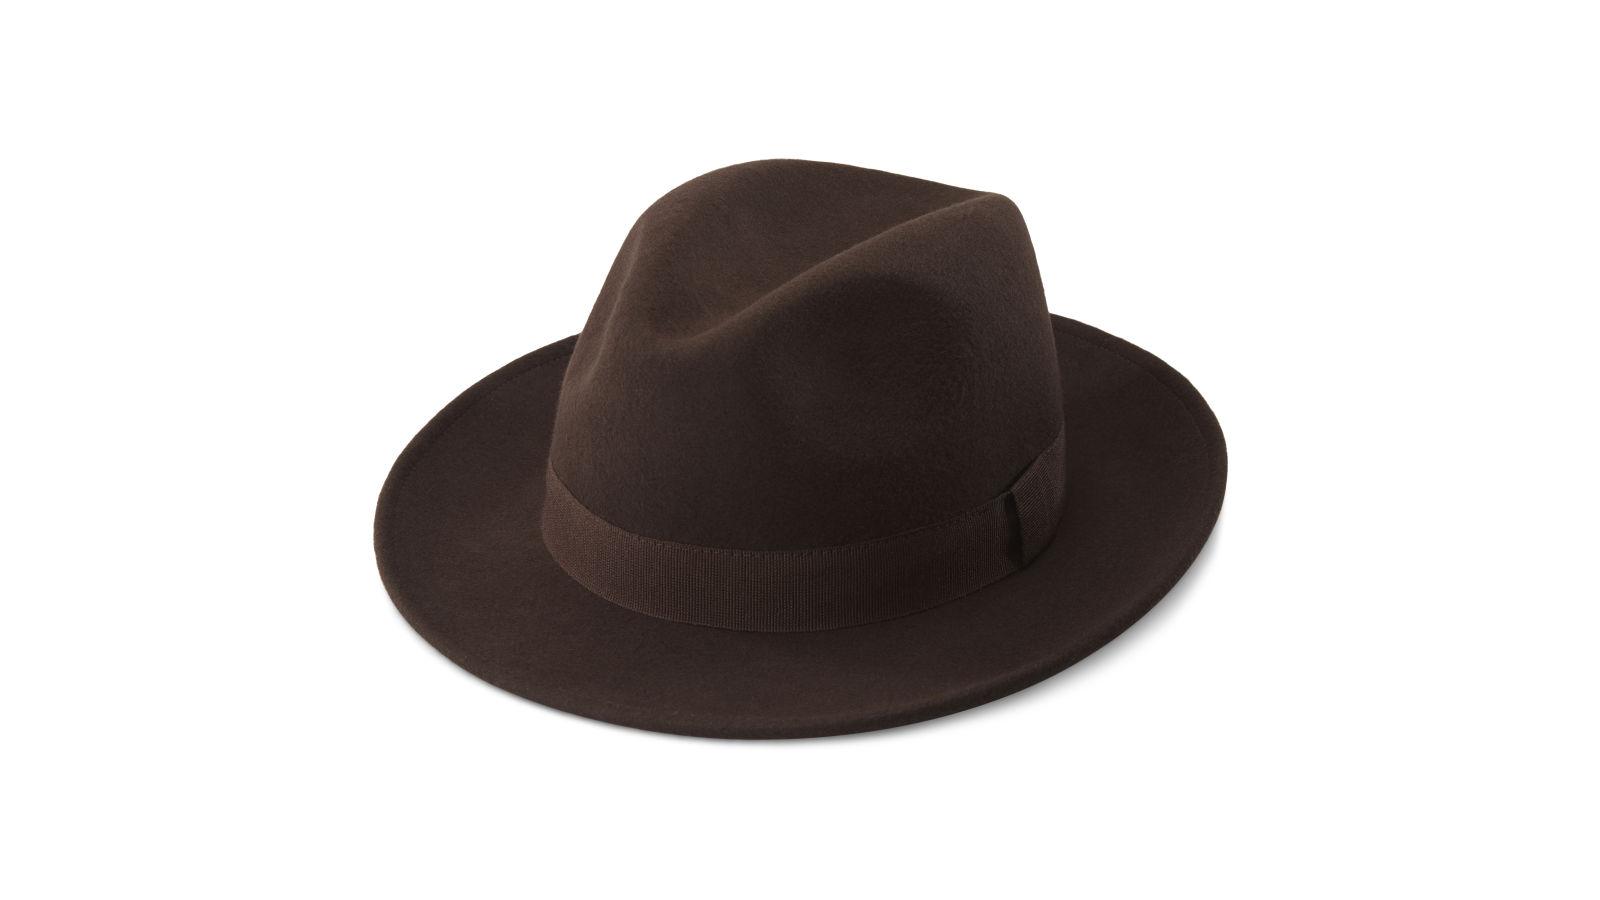 Hnědý vlněný klobouk Fedora Alessandria Fido  8b5a349549